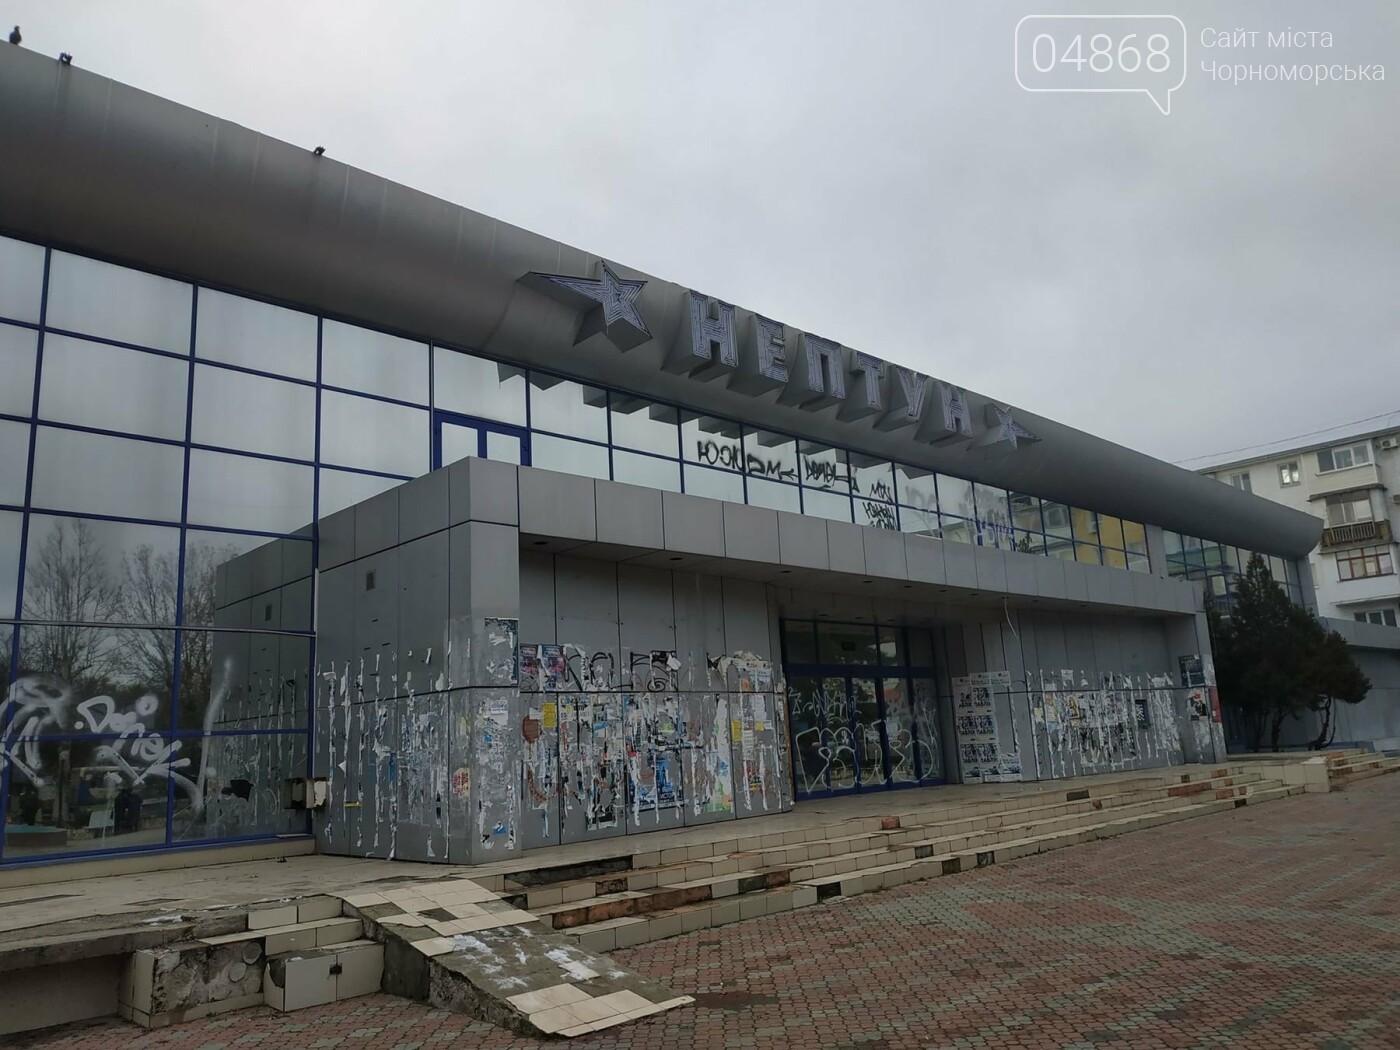 Кинотеатр «Нептун» как символ отсутствия инициативы со стороны власти, фото-5